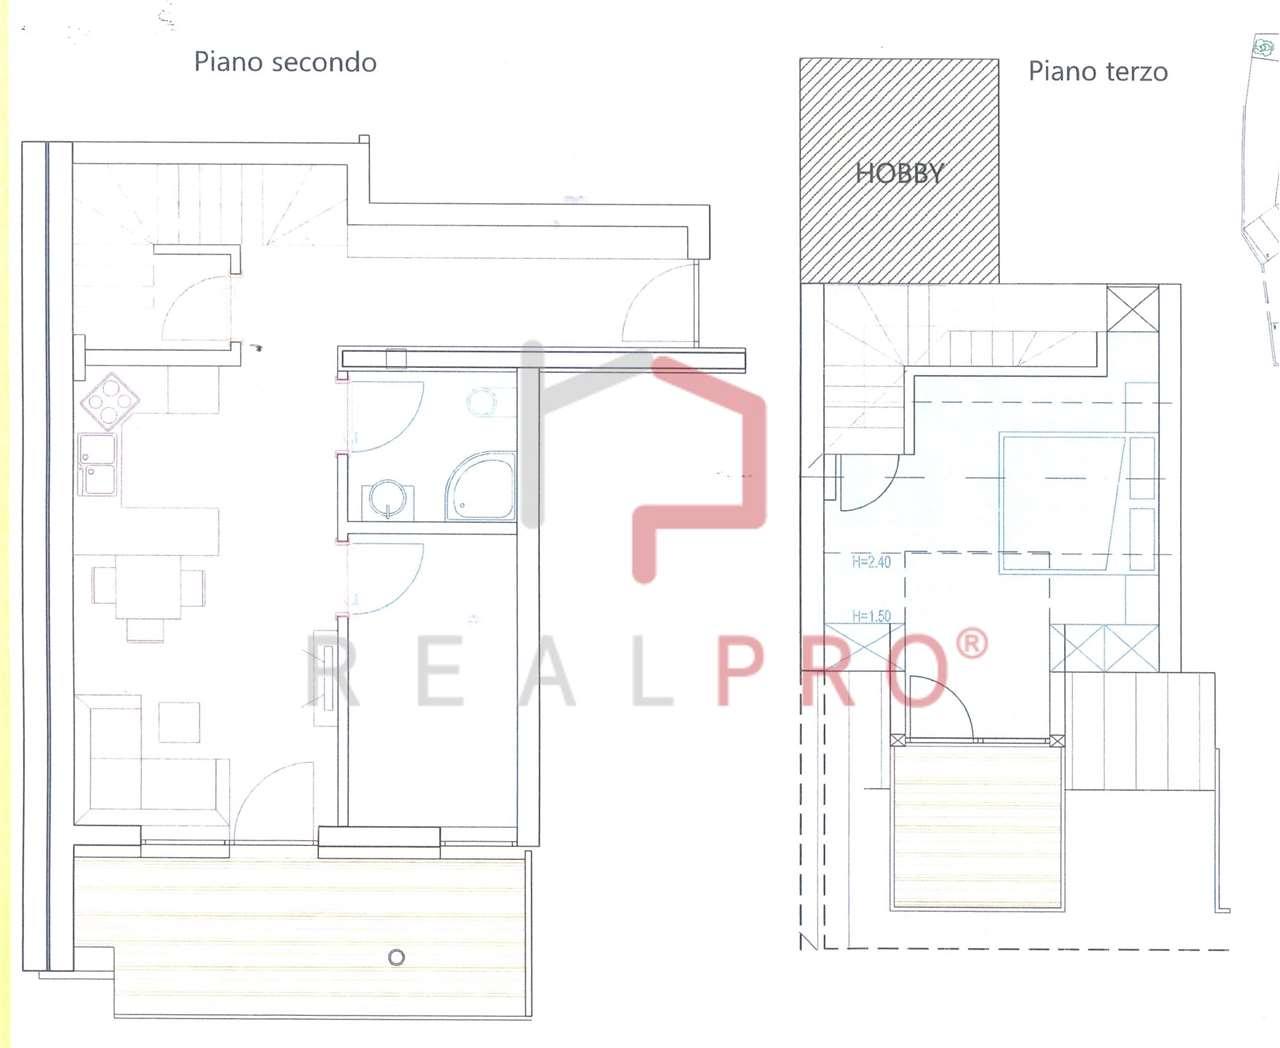 Appartamento in vendita a Villabassa, 3 locali, zona Località: Villabassa, prezzo € 366.000 | CambioCasa.it